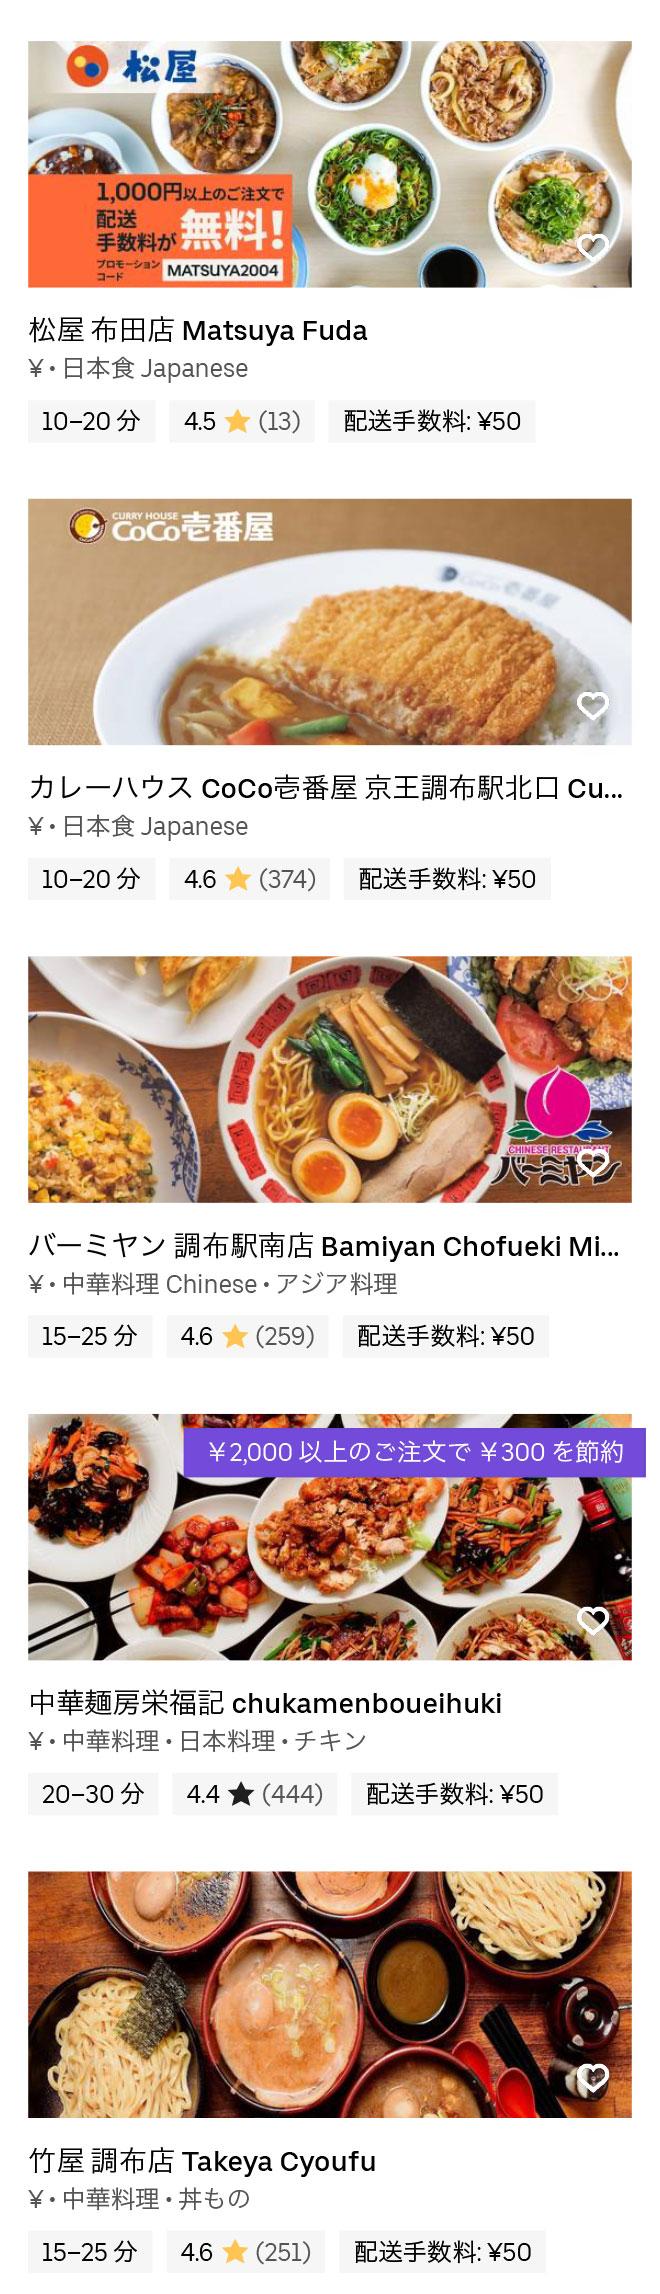 Tokyo chofu 20040903